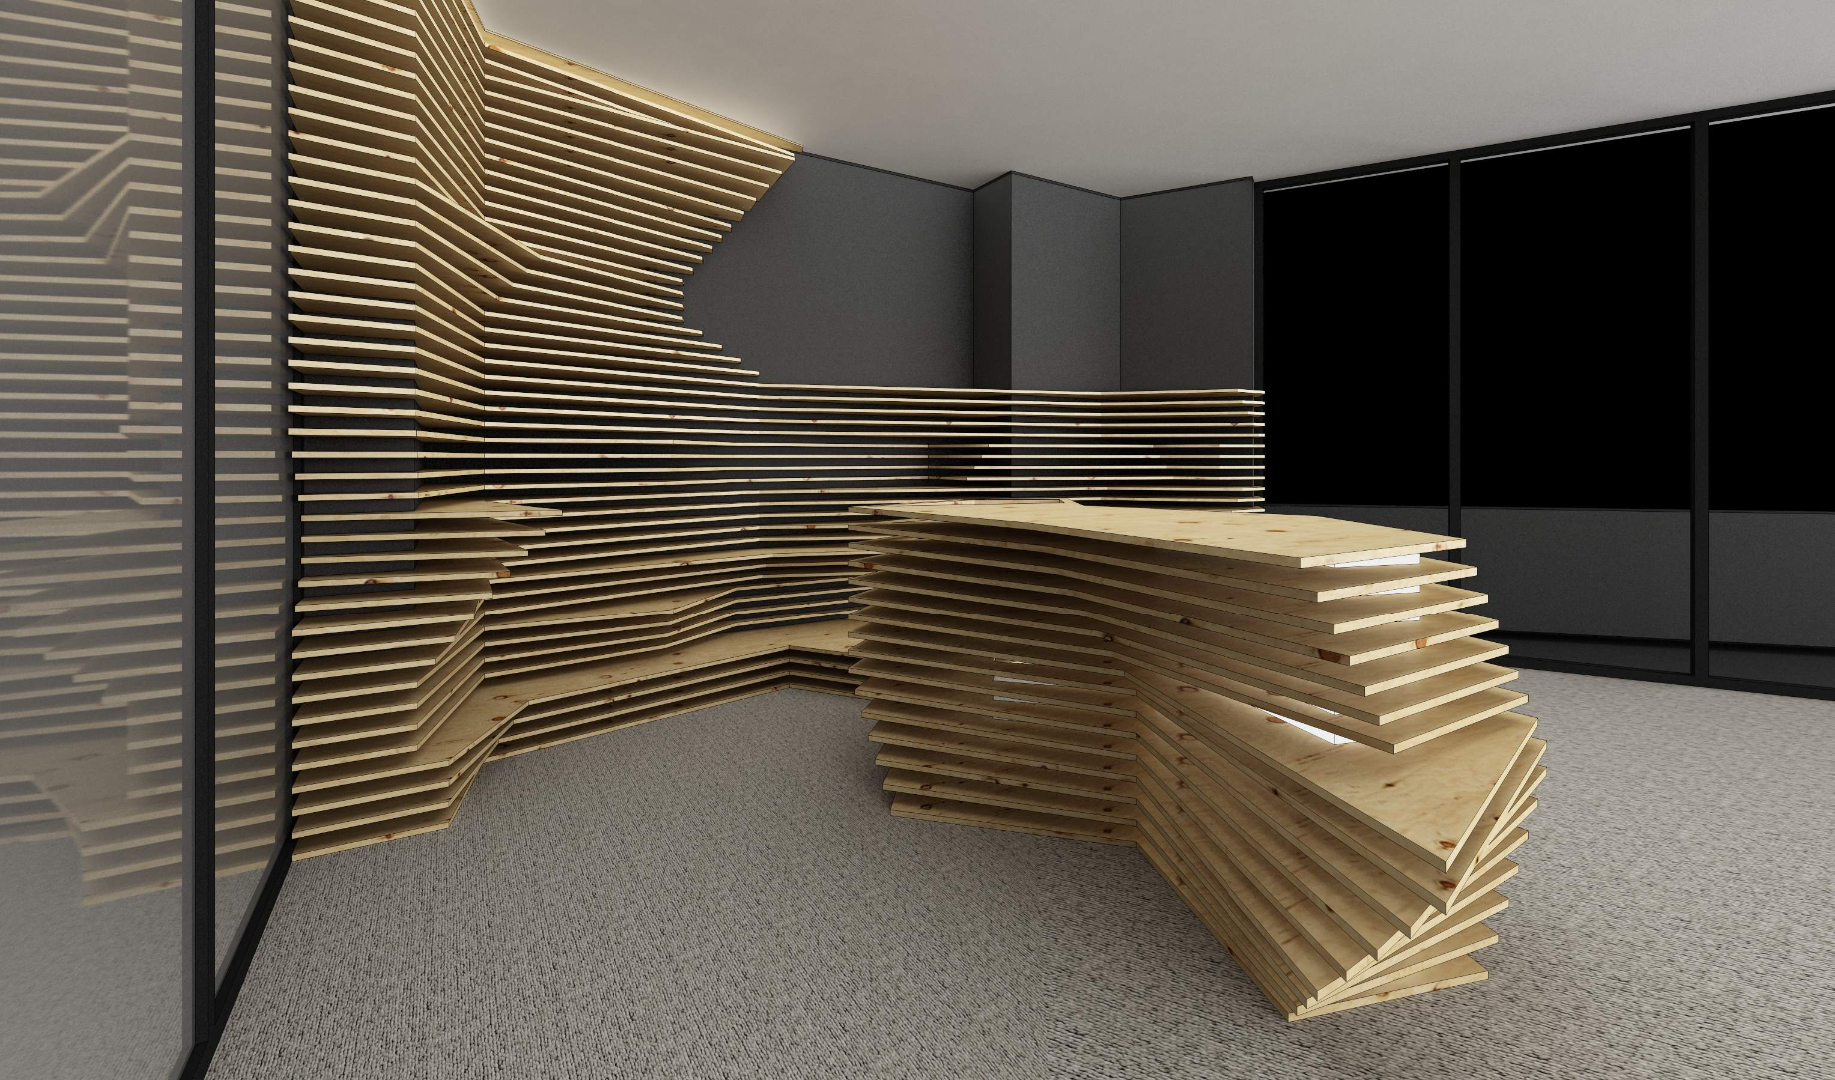 kinnarps receptie placari lemn corian expunere front desk020